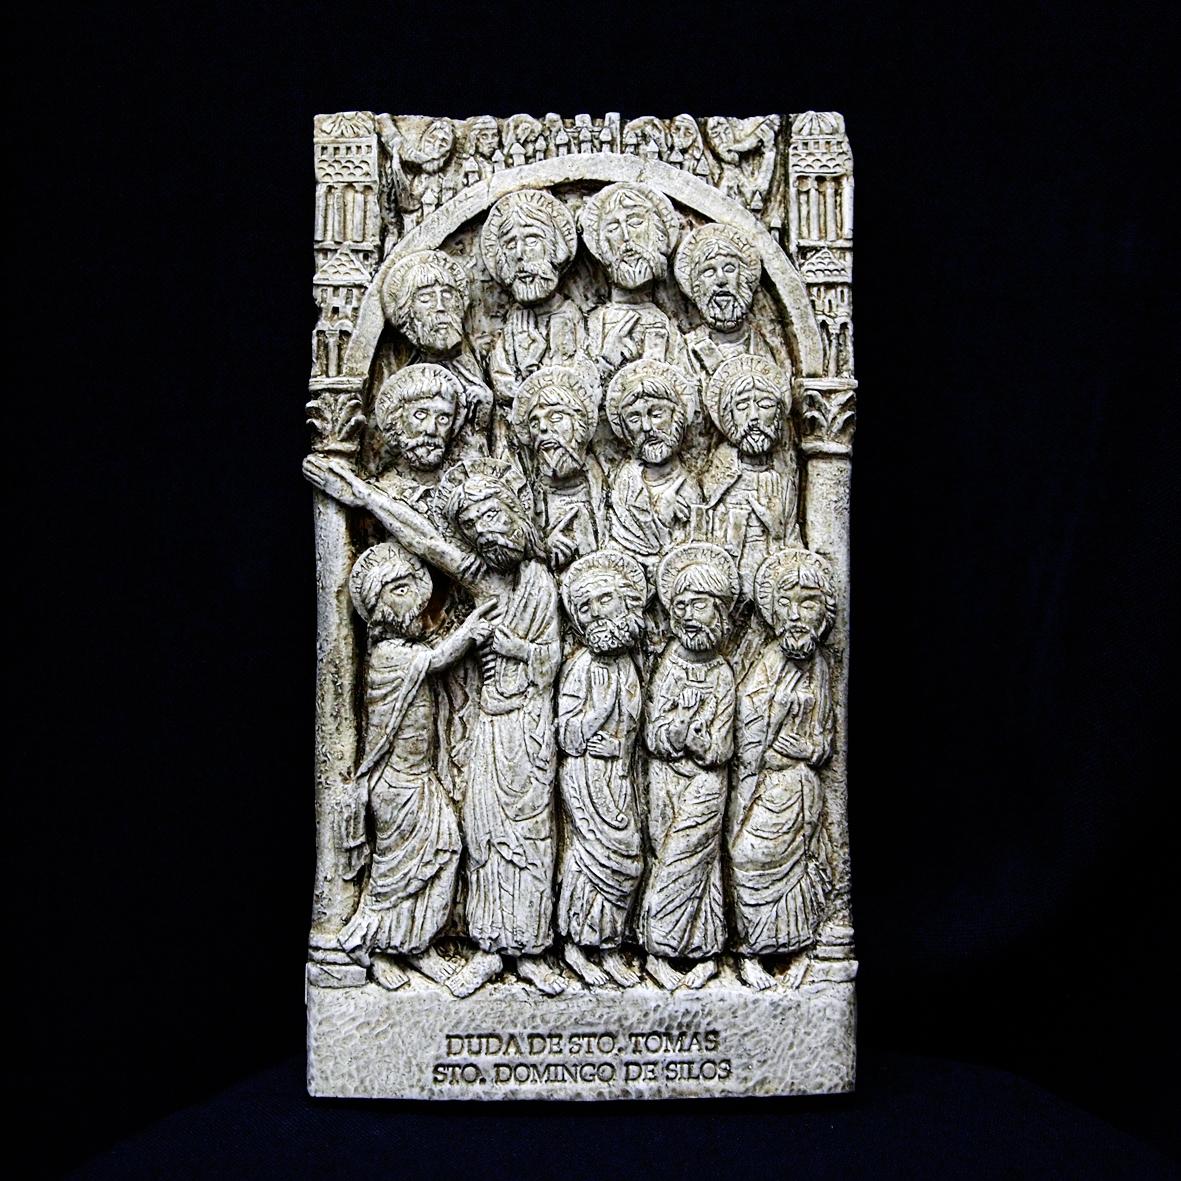 Tabla de la Duda de Santo Tomás en el Monasterio de Santo Domingo de Silos (Burgos)